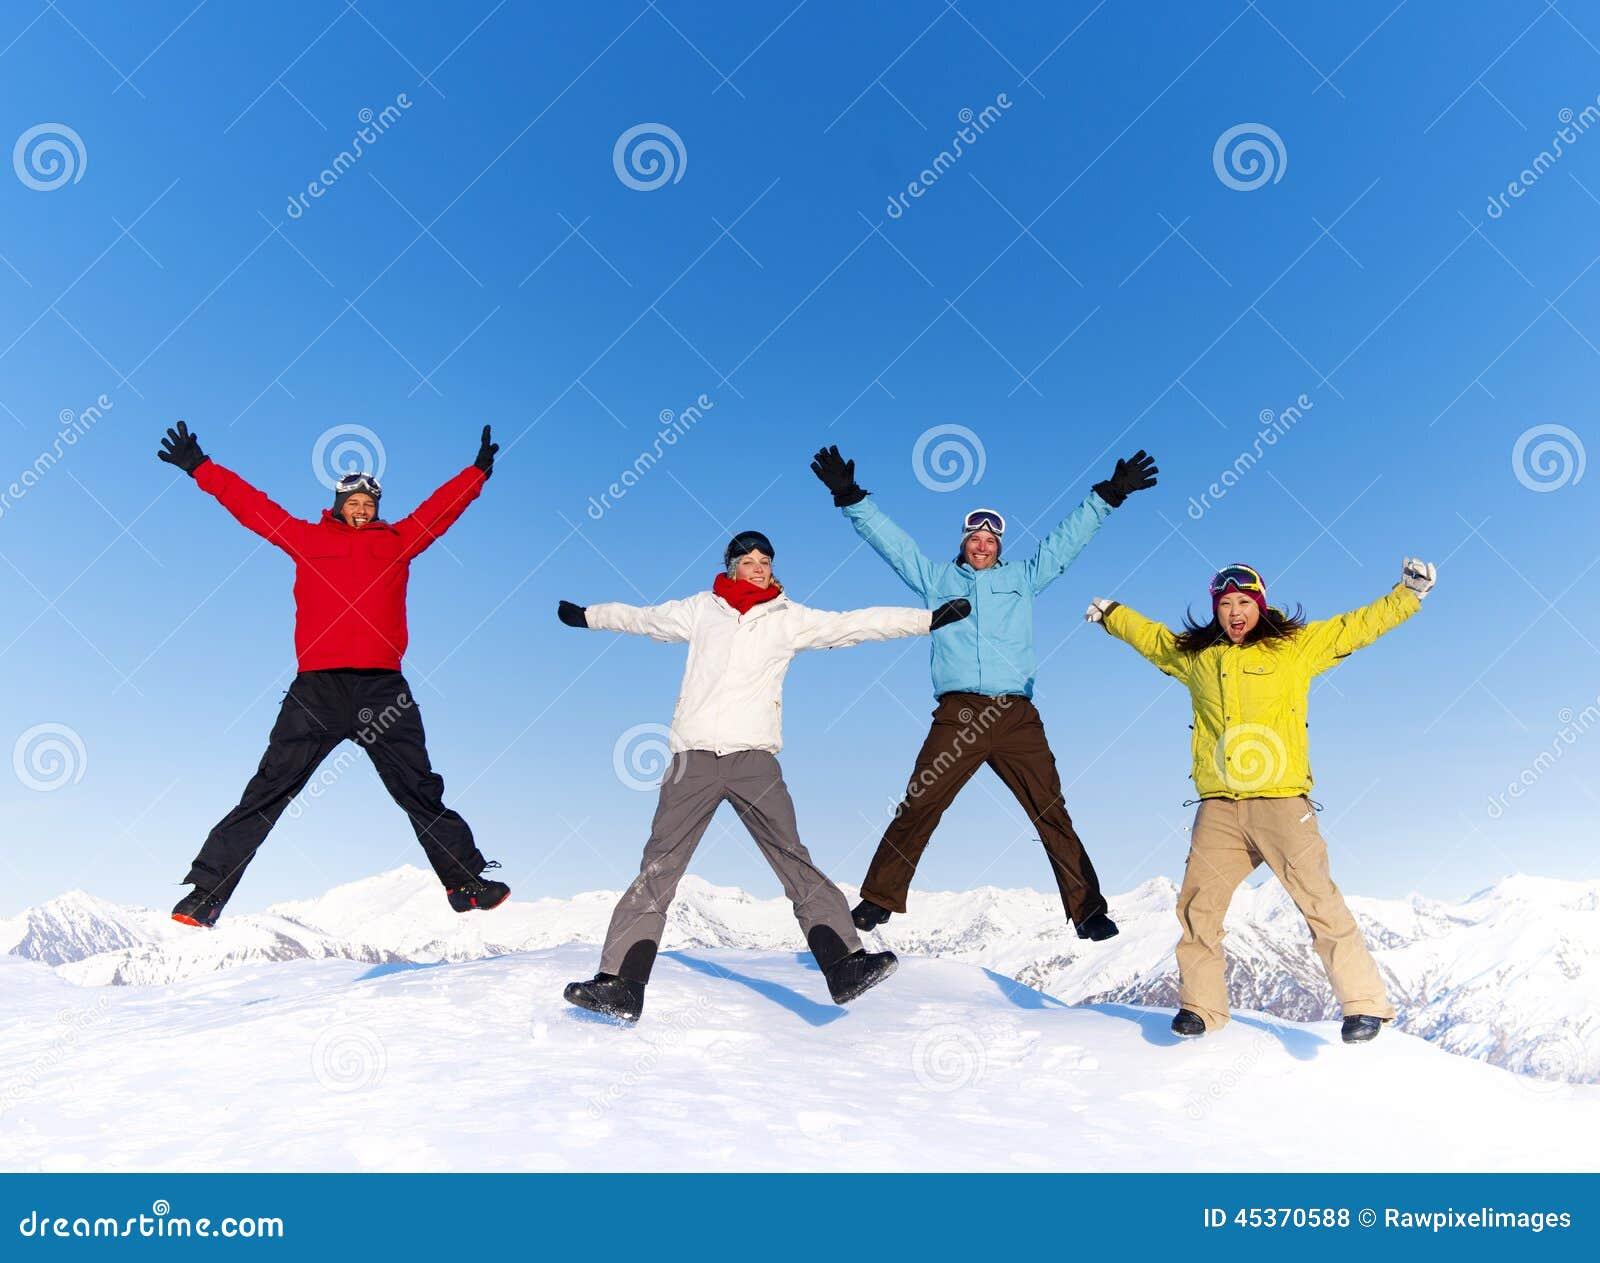 Junge Leute, die in Schnee springen und Winter genießen